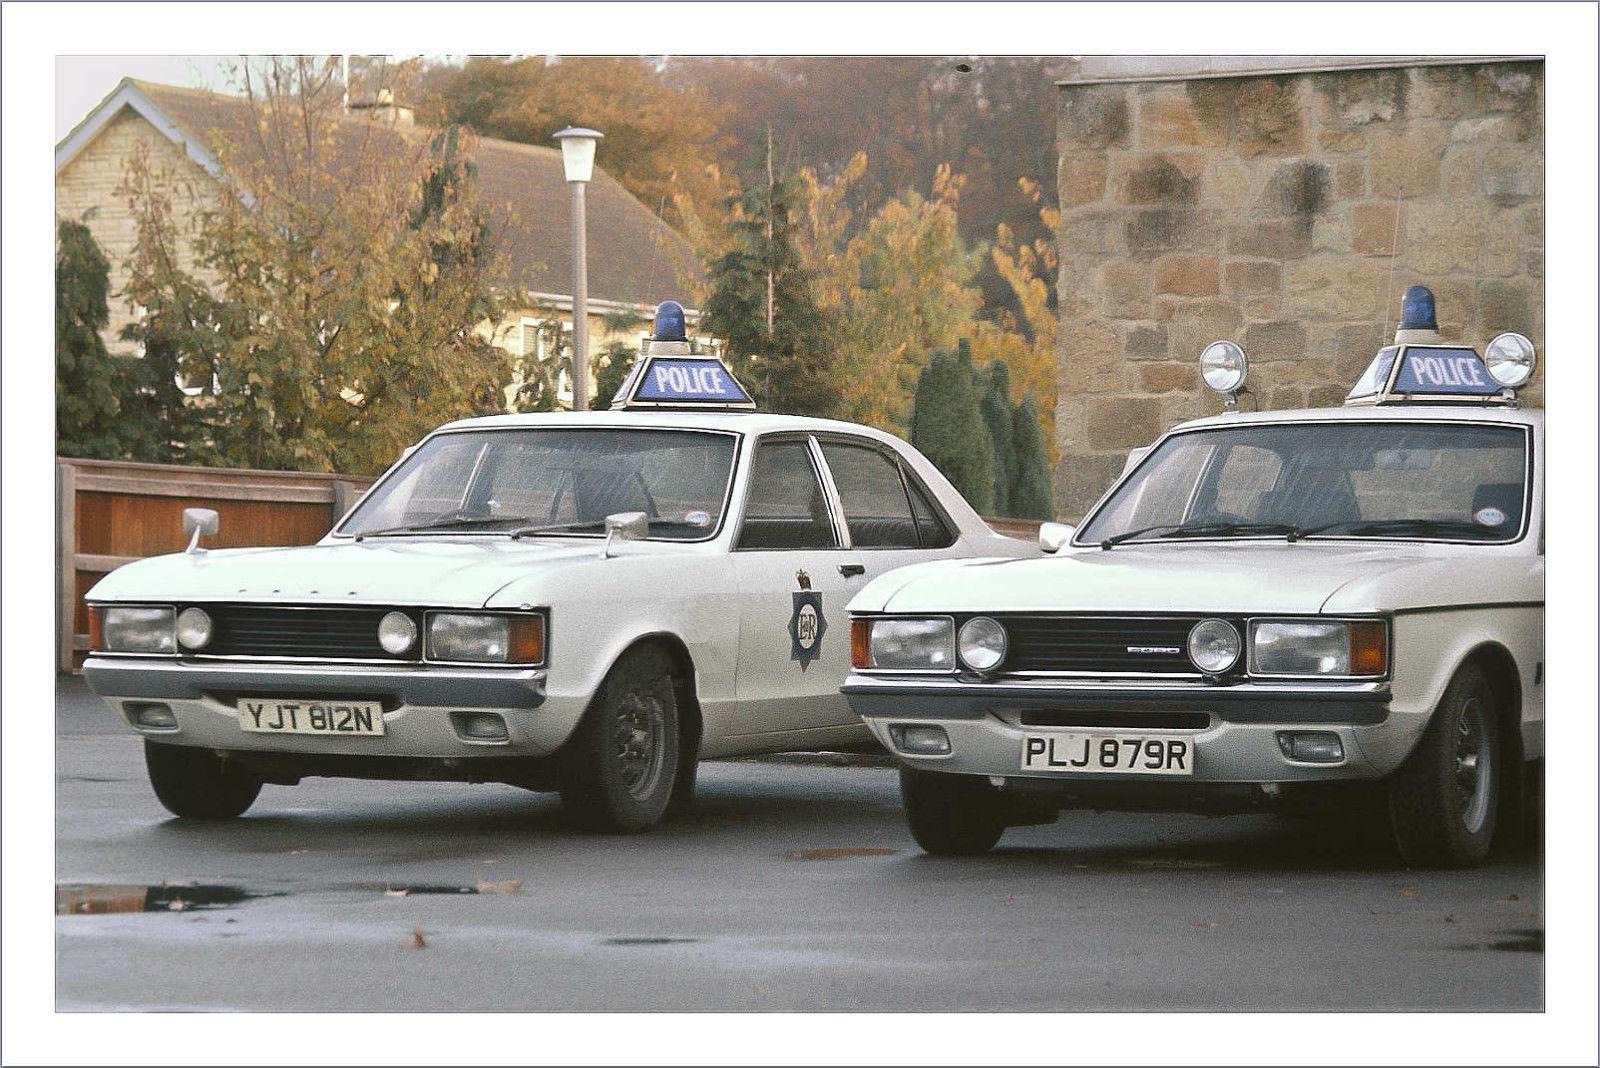 British 1974 1976 Ford Granada Consul Gt Police Cars